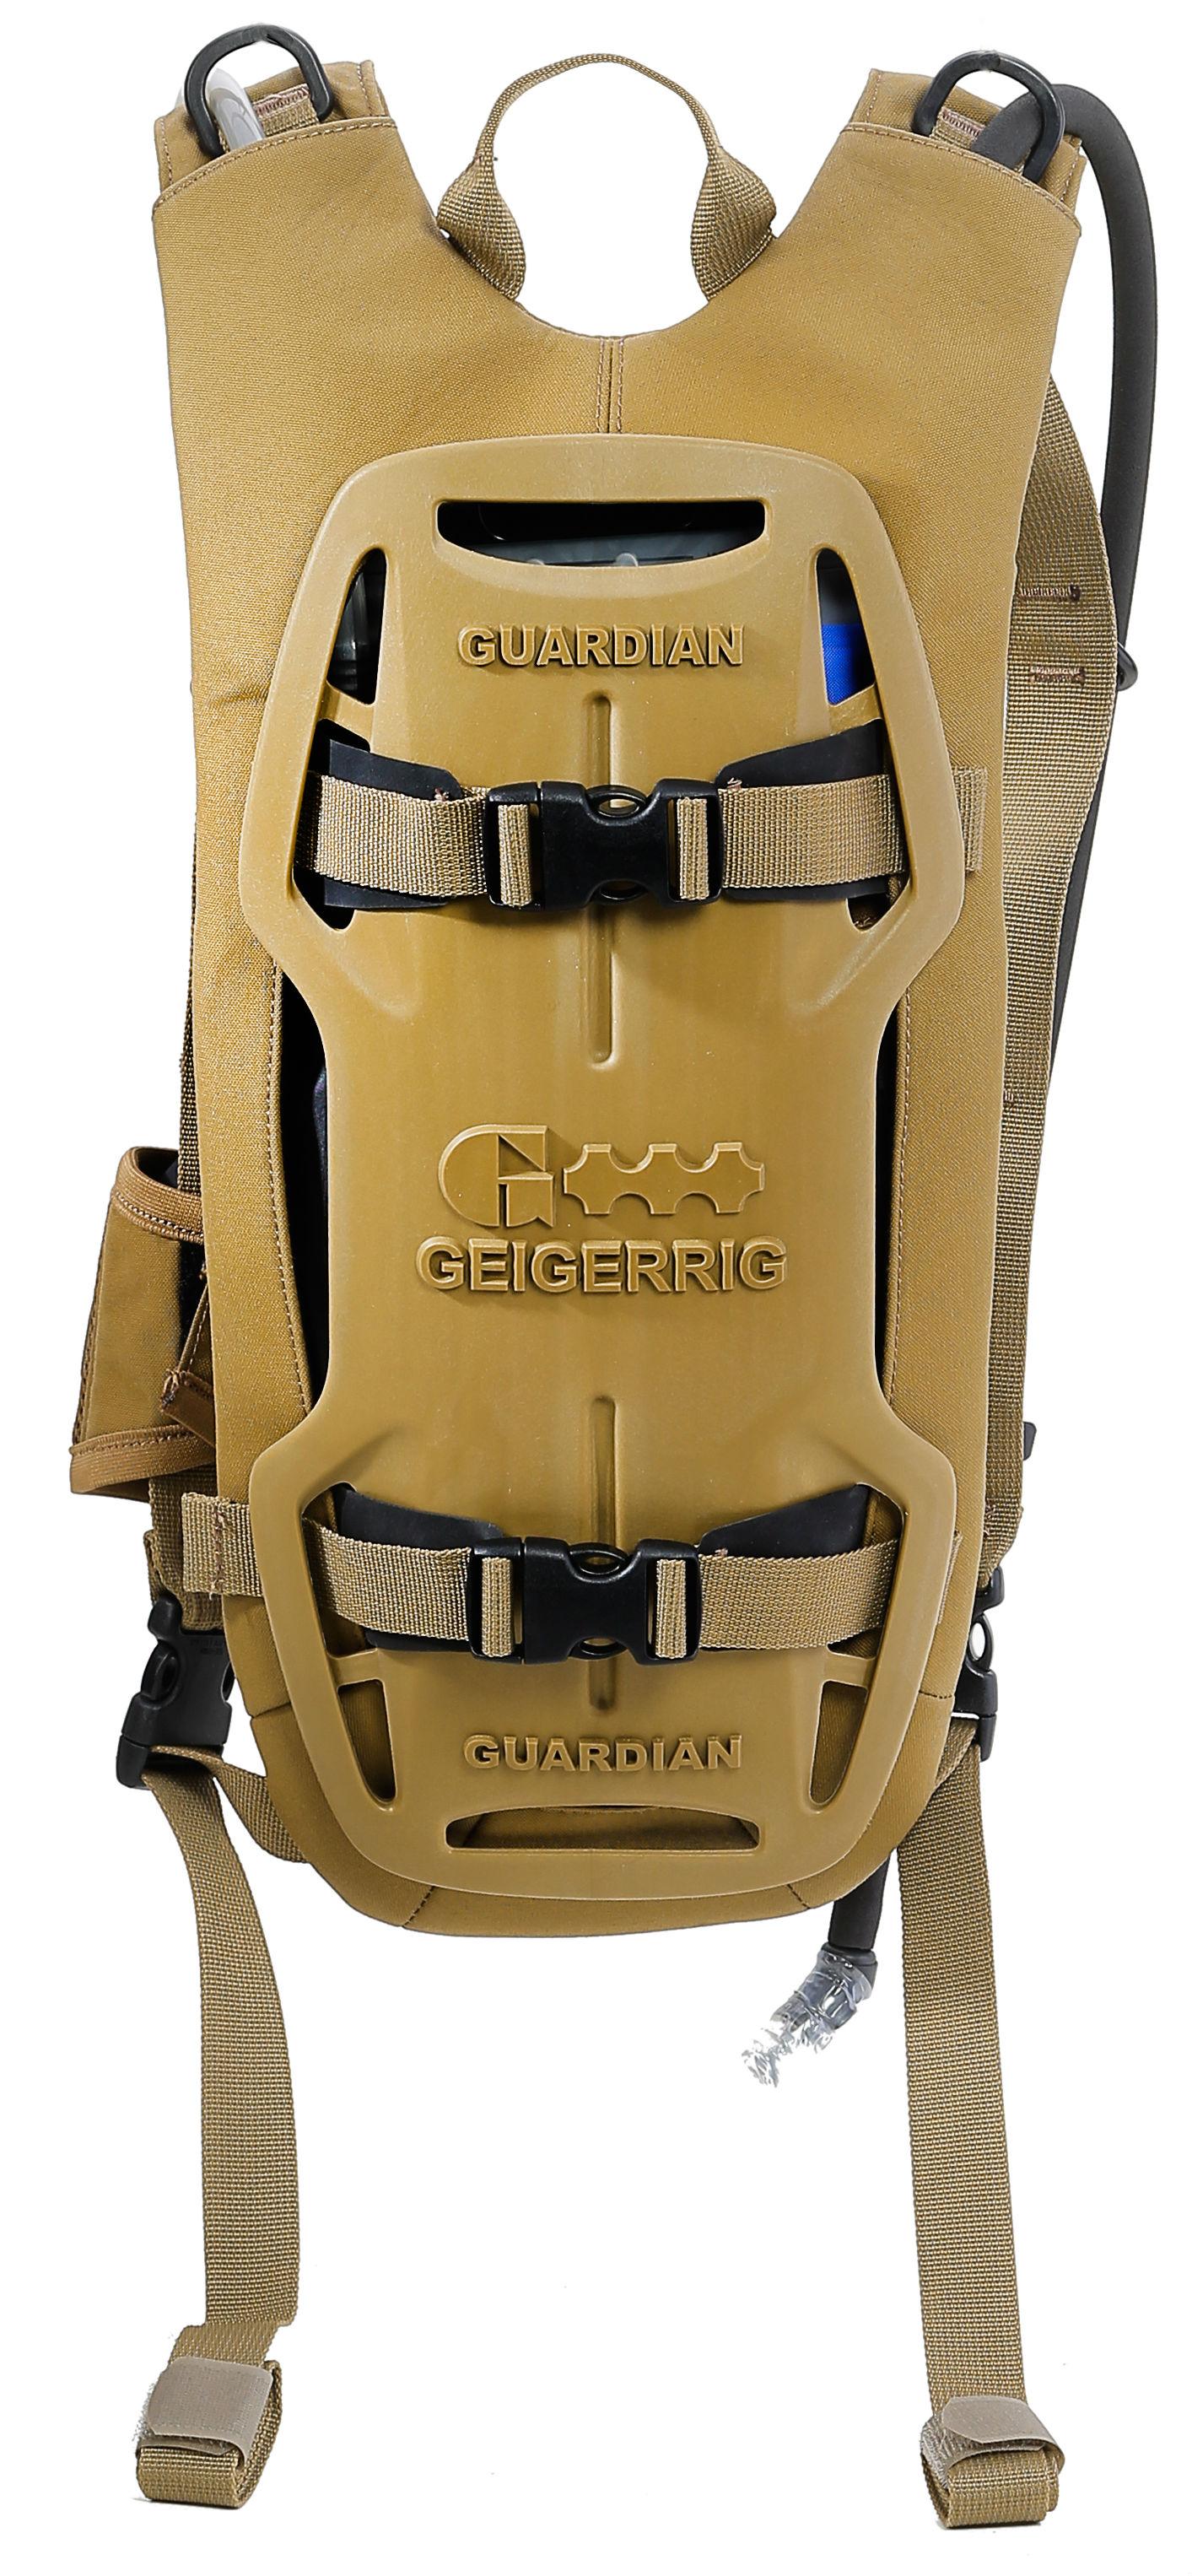 Geigerrig Guardian Rig